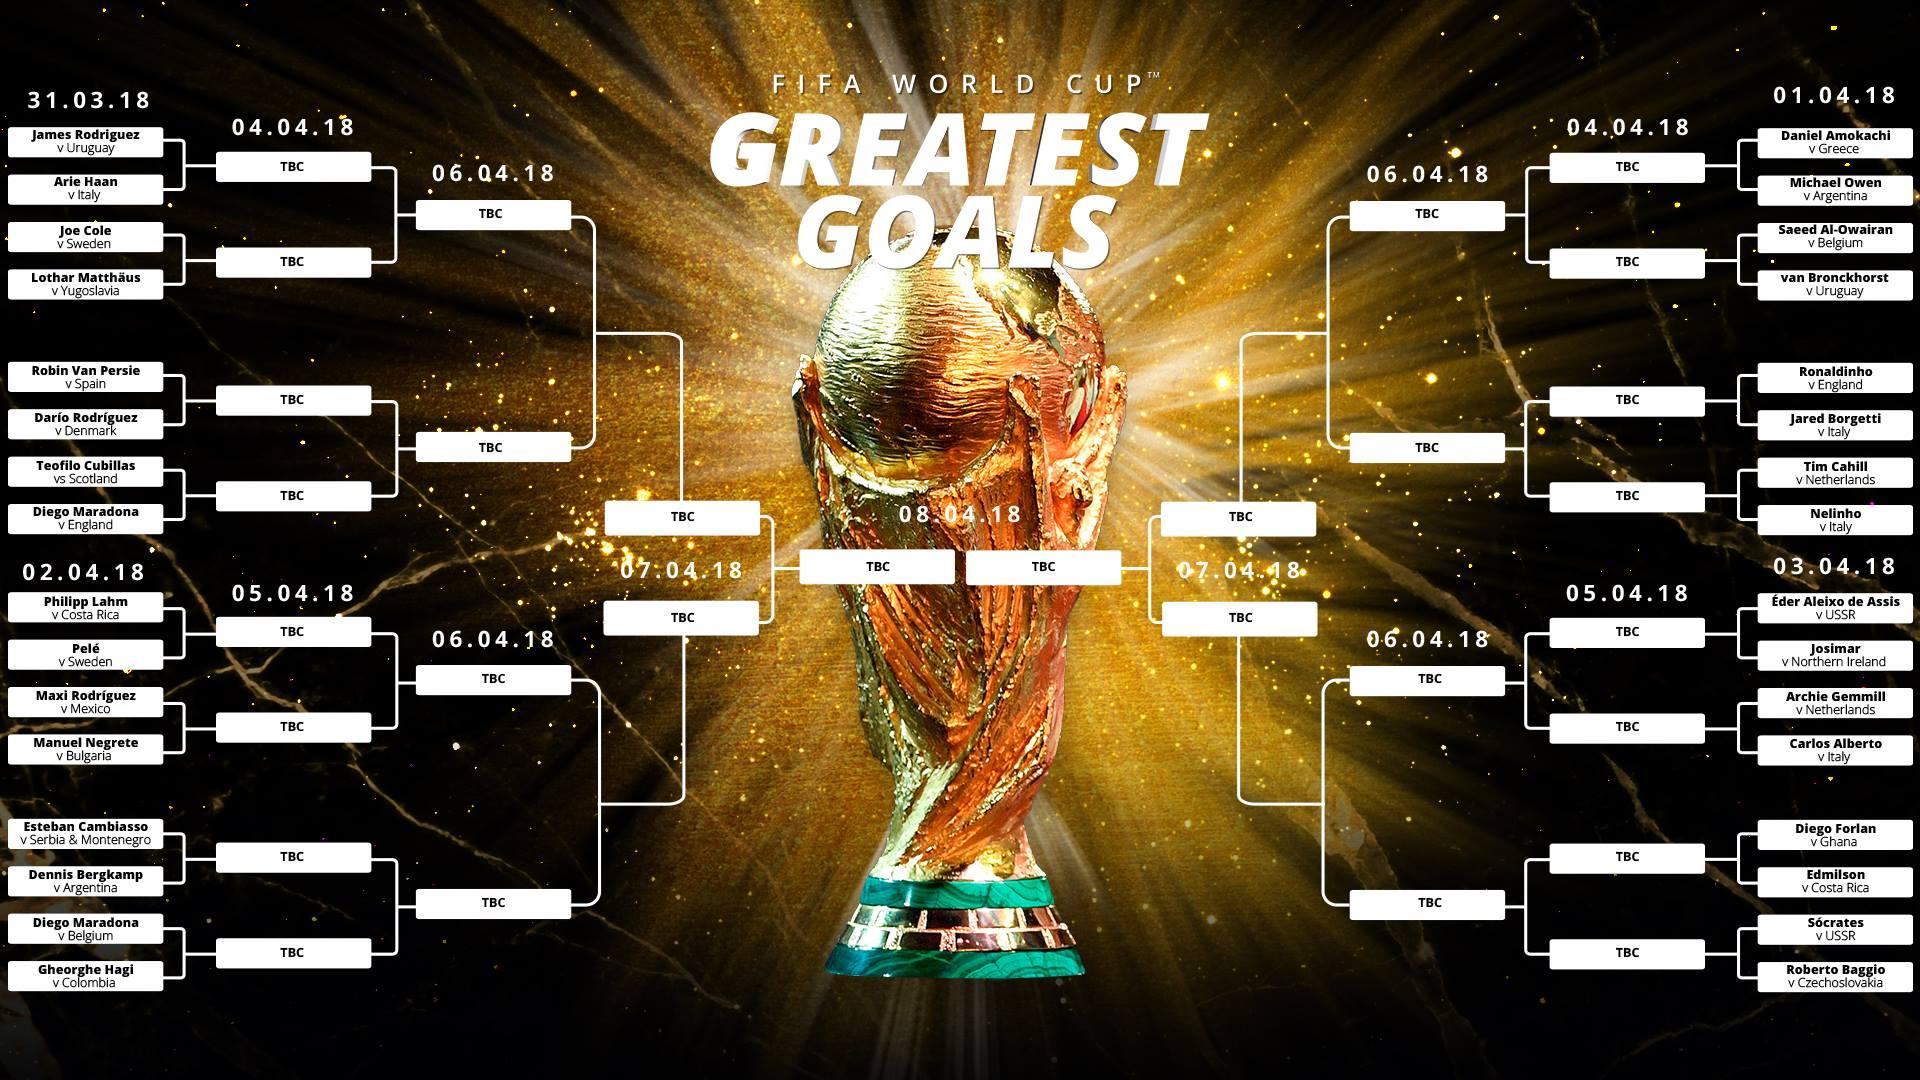 Gol de Cubillas le ganó al de Maradona en votación de FIFA